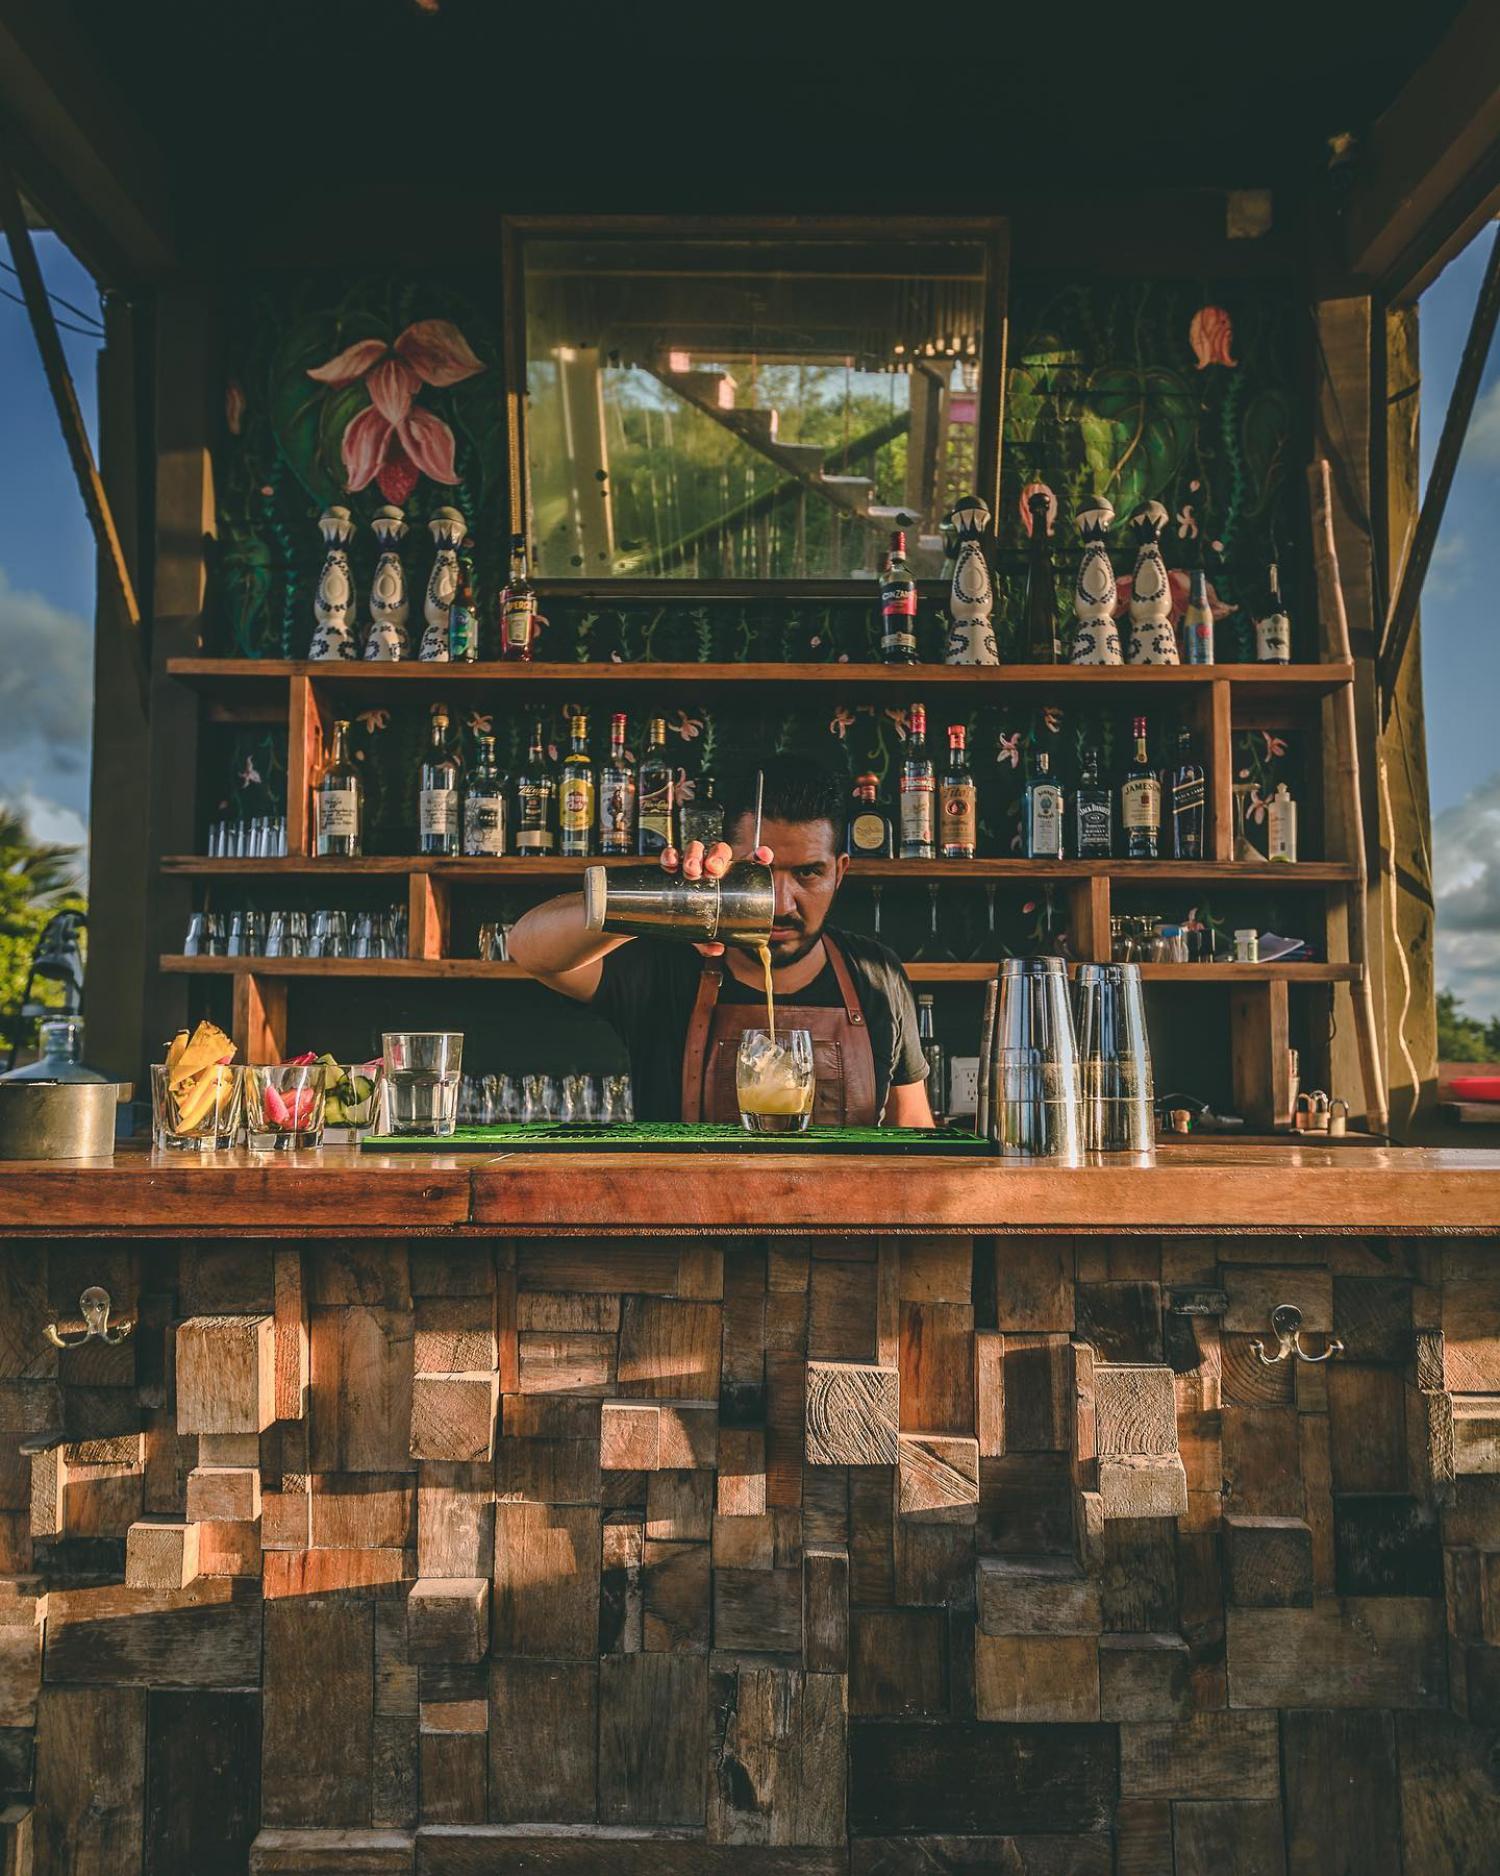 Best Cocktails in Tulum